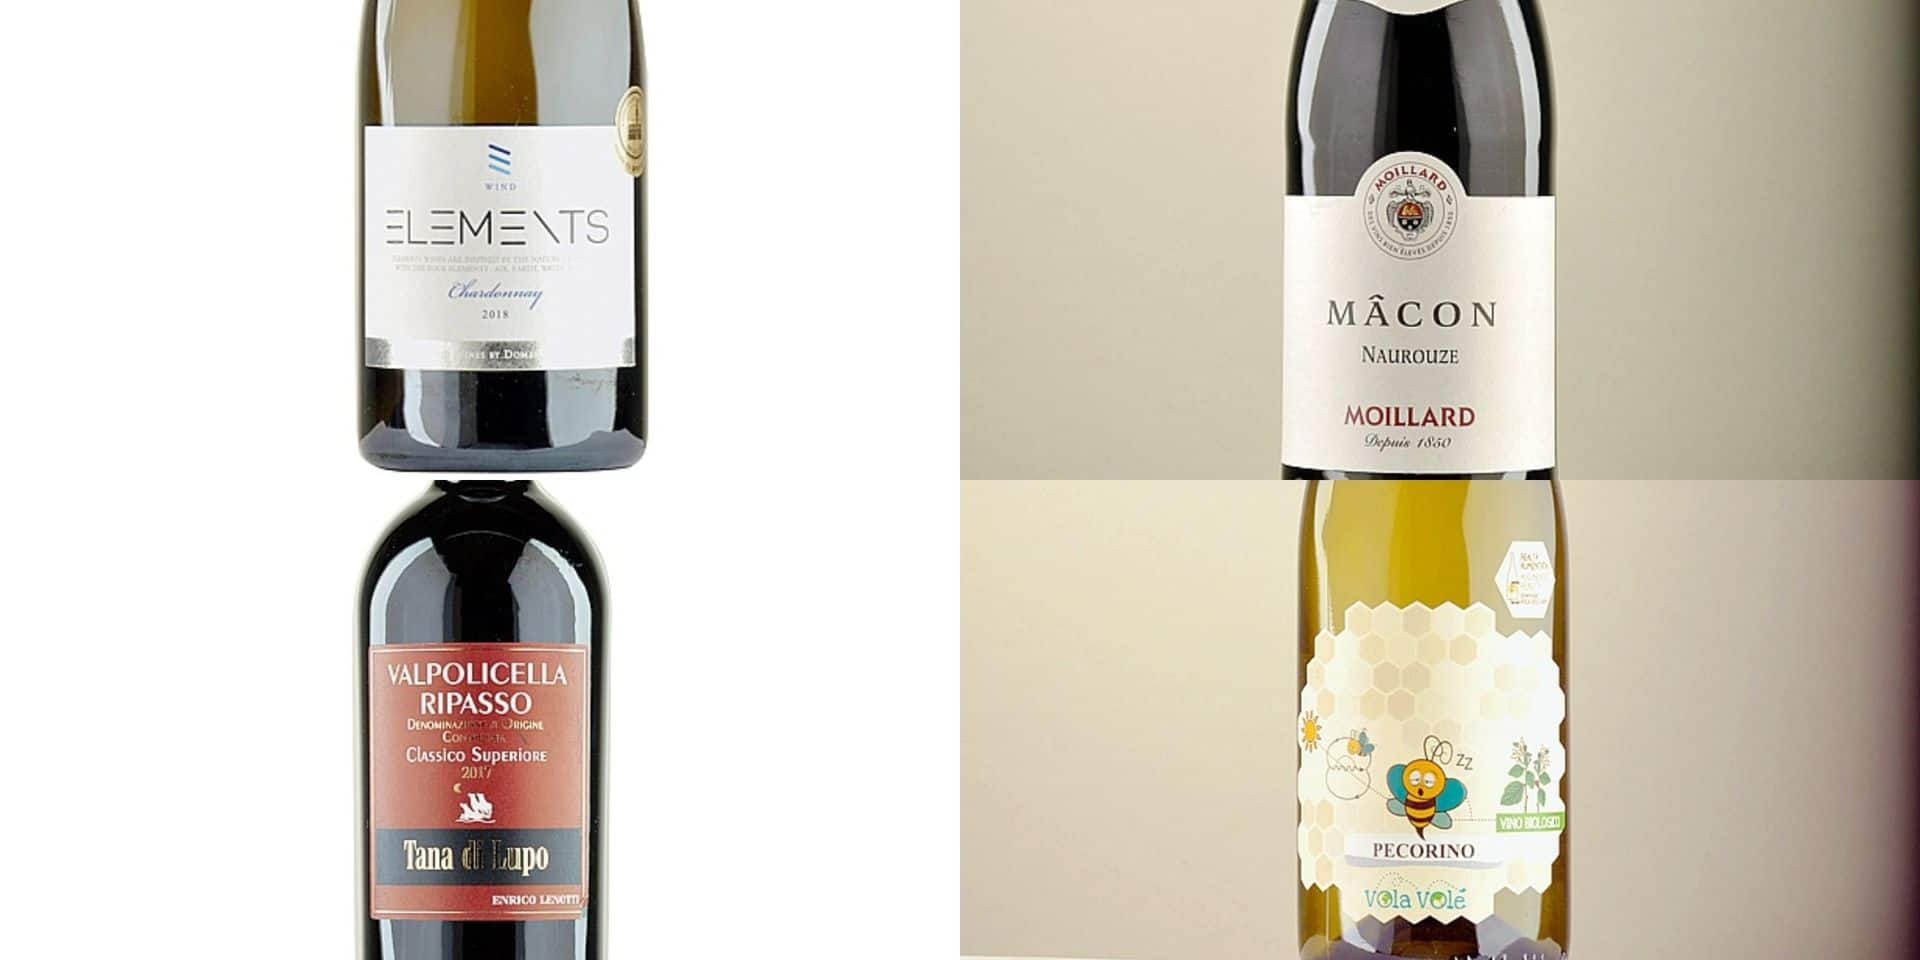 Foires au Vin : deuxième étape chez Carrefour